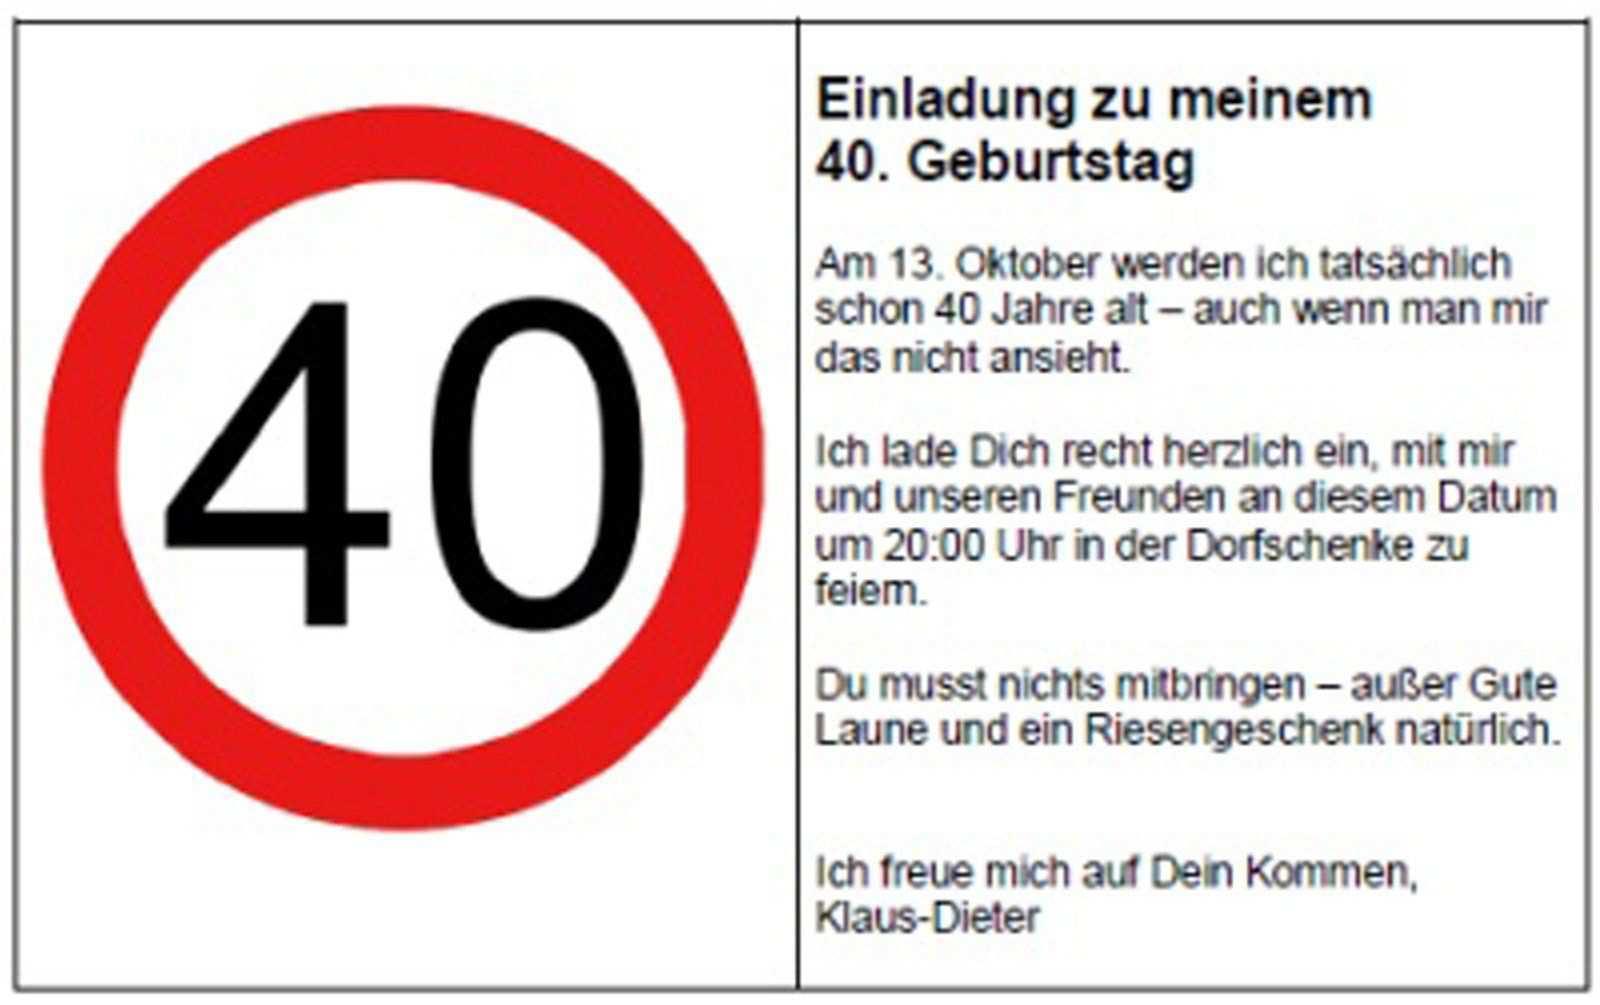 Einladung Geburtstag Einladungen 40 Geburtstag Geburstag Einladungskarten Einladung 40 Geburtstag Einladung Geburtstag Einladungskarten Geburtstag Texte